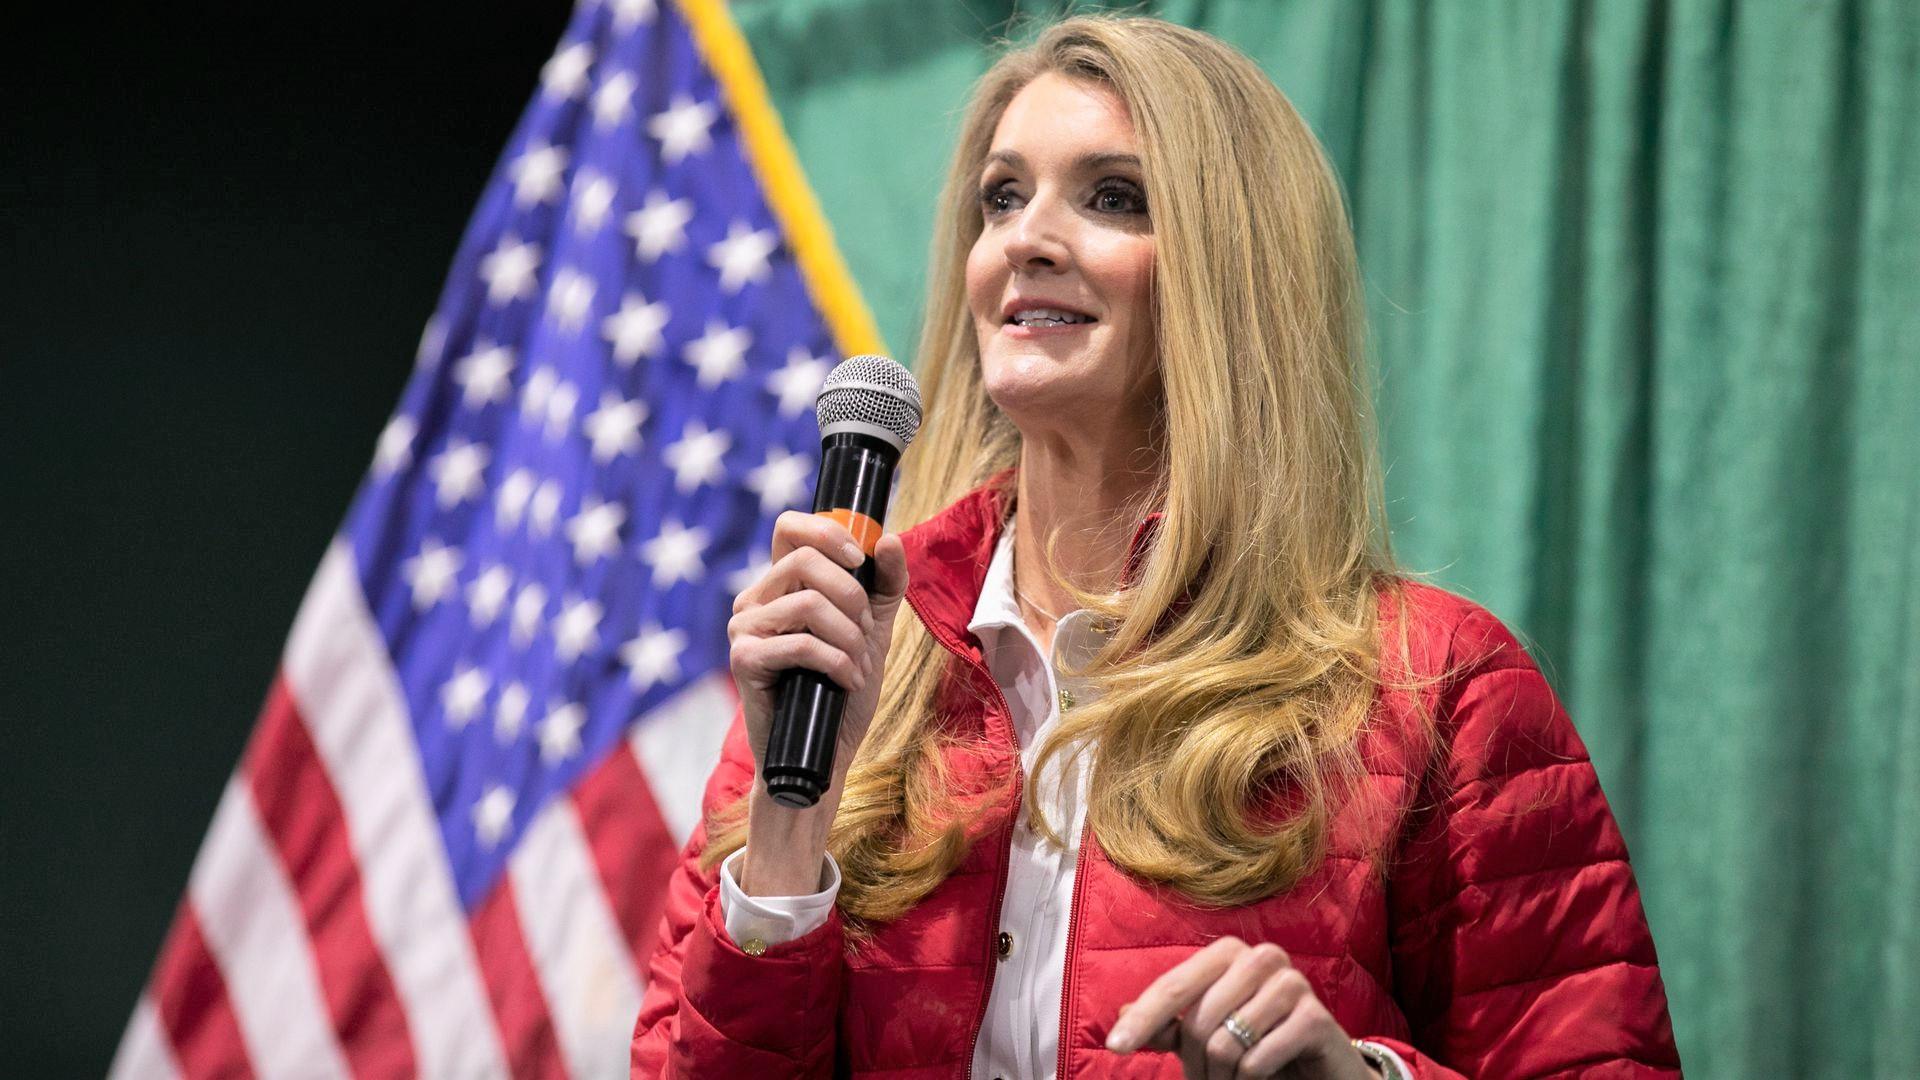 Thượng nghị sĩ Kelly Loeffler phát biểu trong một buổi mít tinh tại Trung tâm Nông nghiệp và Hội chợ Quốc gia Georgia ở Perry, bang Georgia vào ngày 19/11/2020